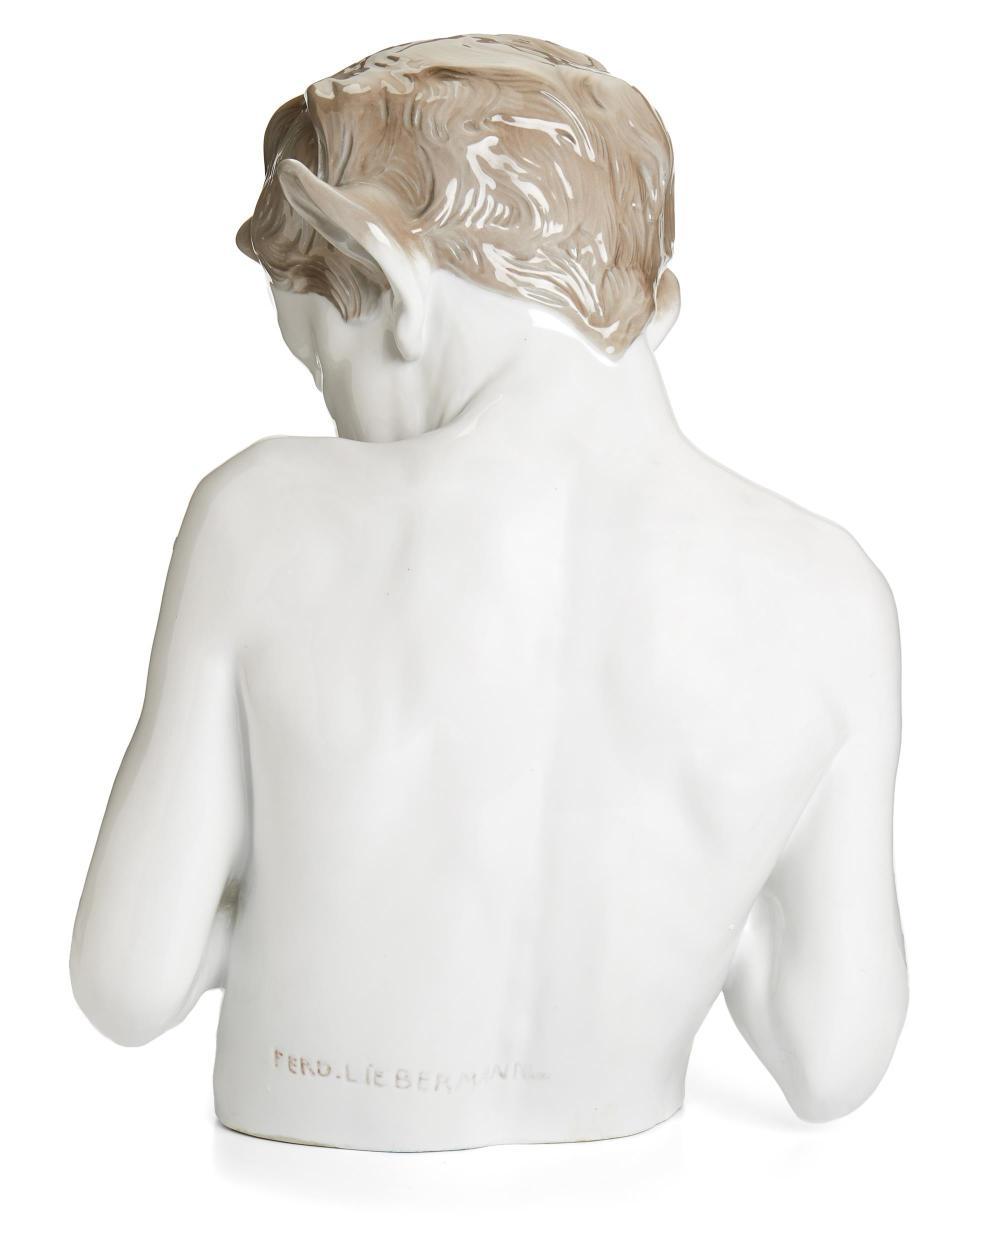 A Ferdinand Liebermann porcelain sculpture,